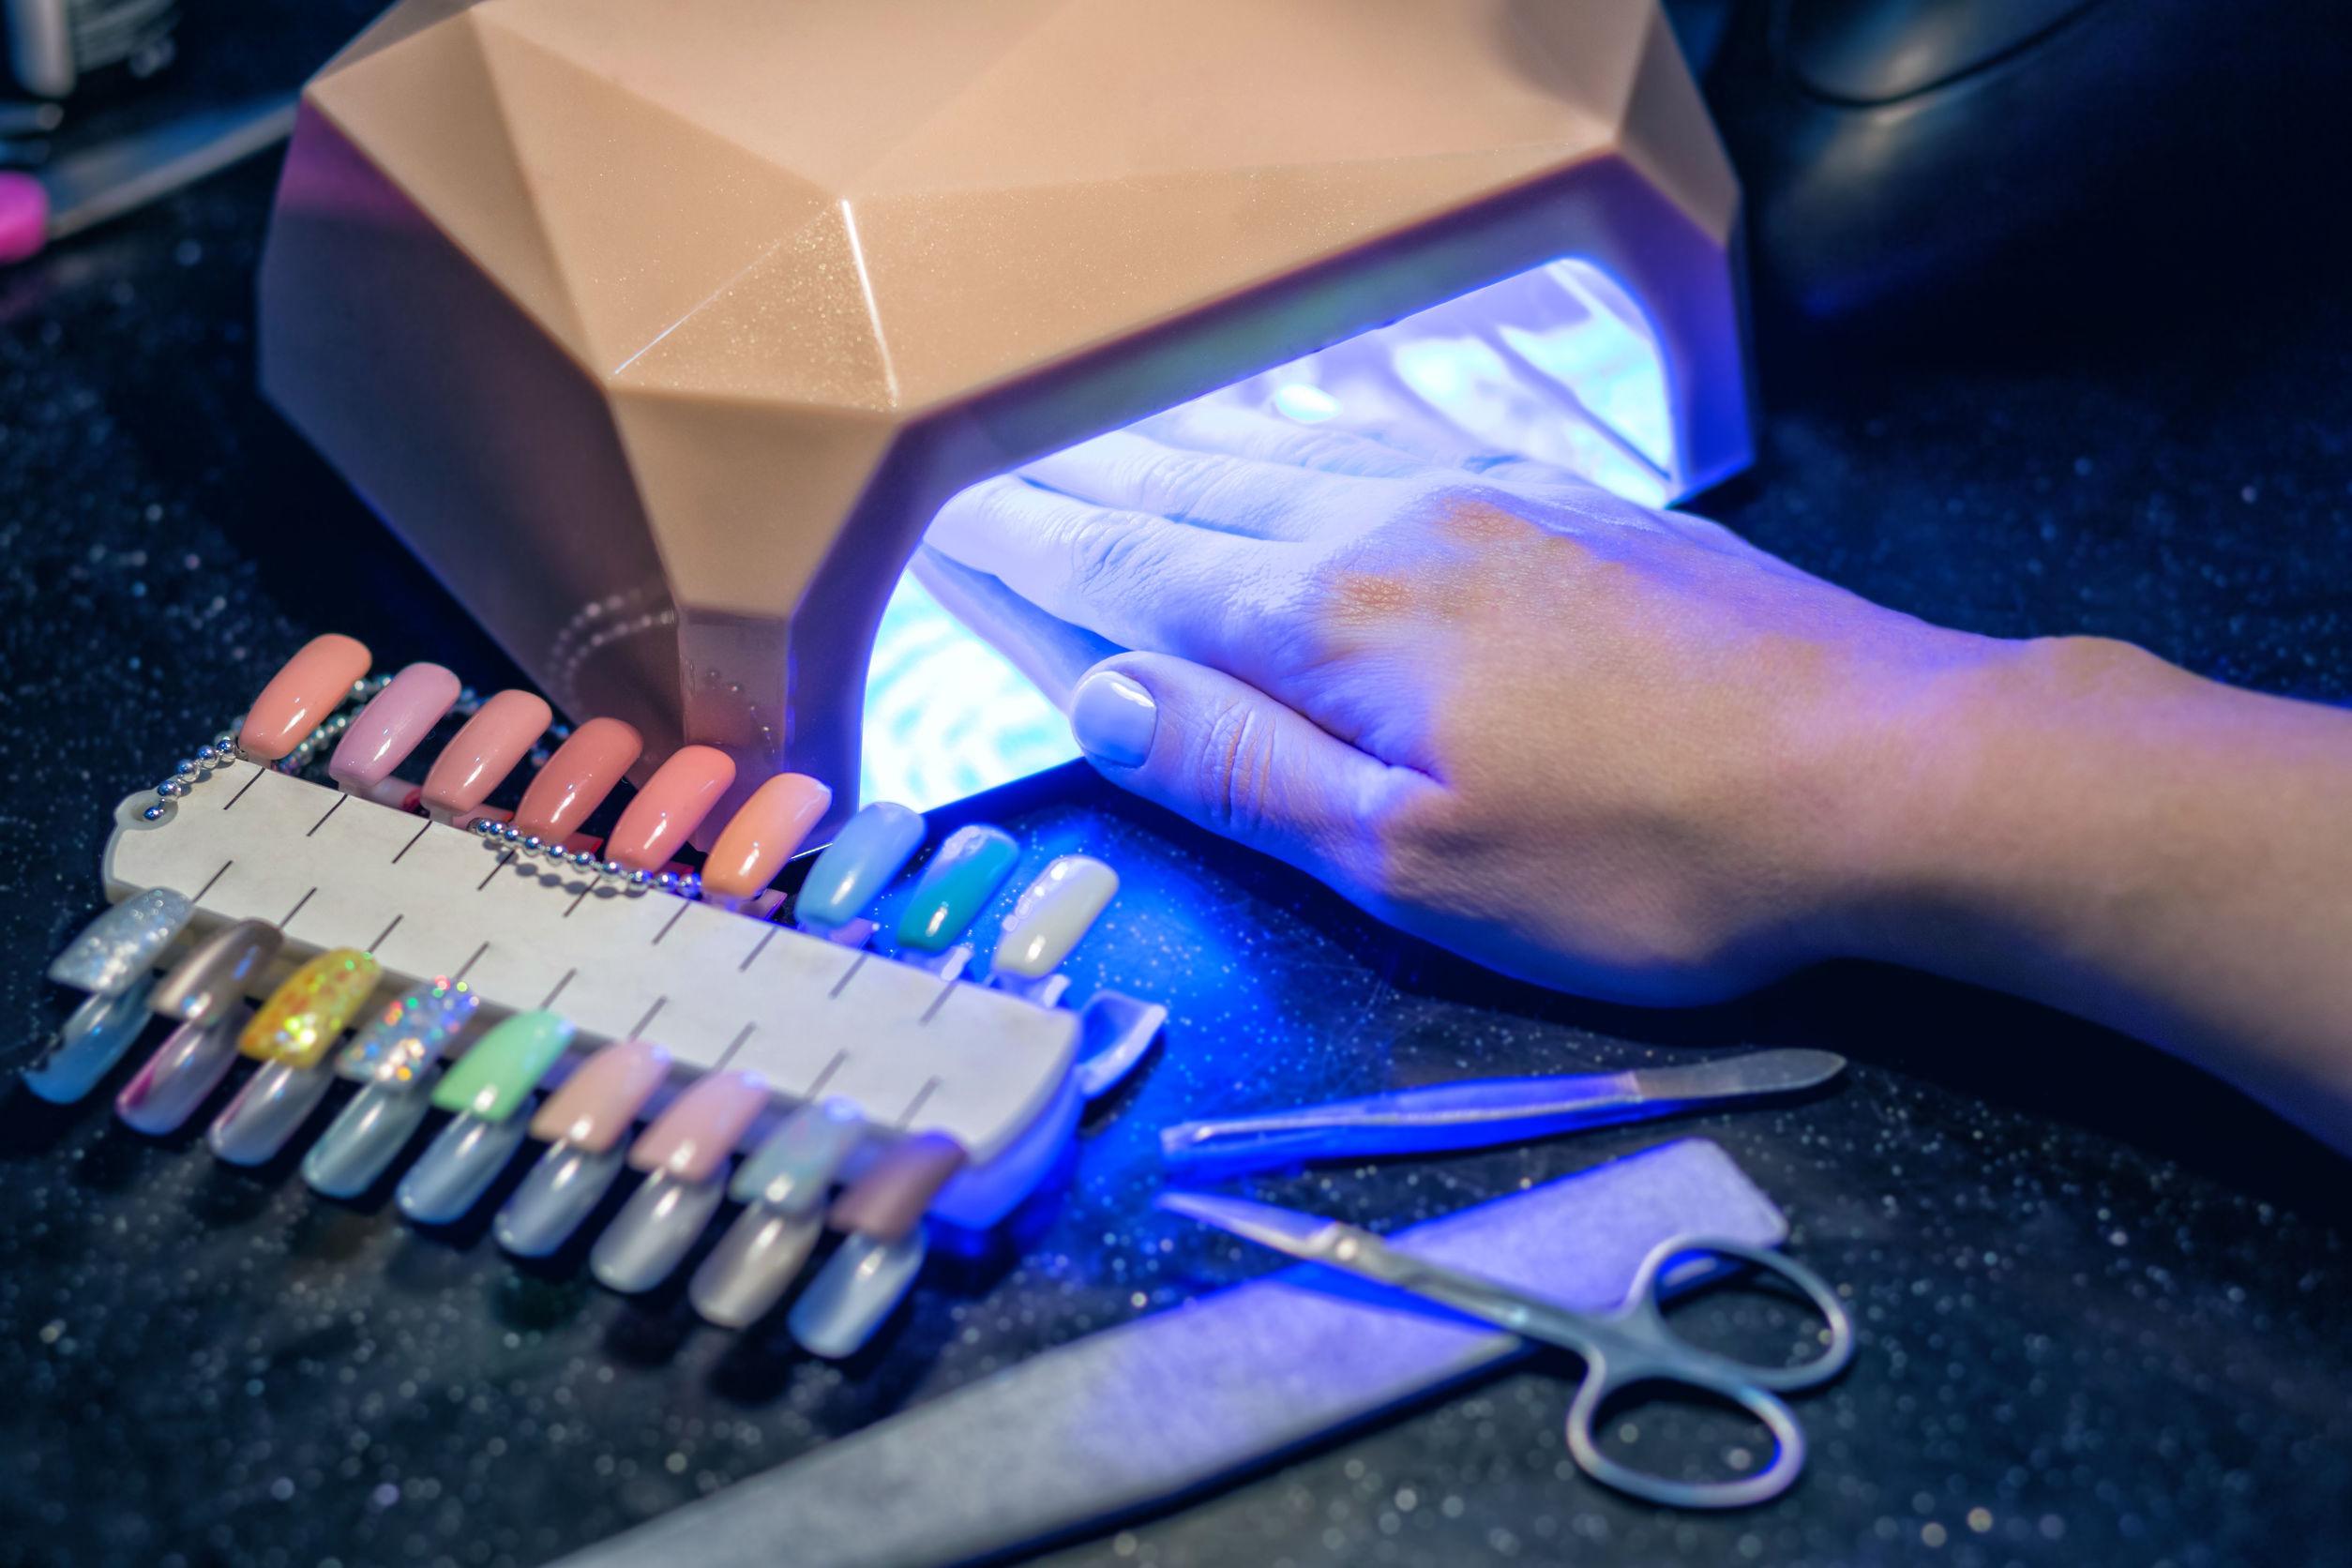 Foto de mão feminina dentro de uma cabine de led, que está ligada, ao lado de unhas postiças coloridas, pinça, lixa e tesourinha para unhas.